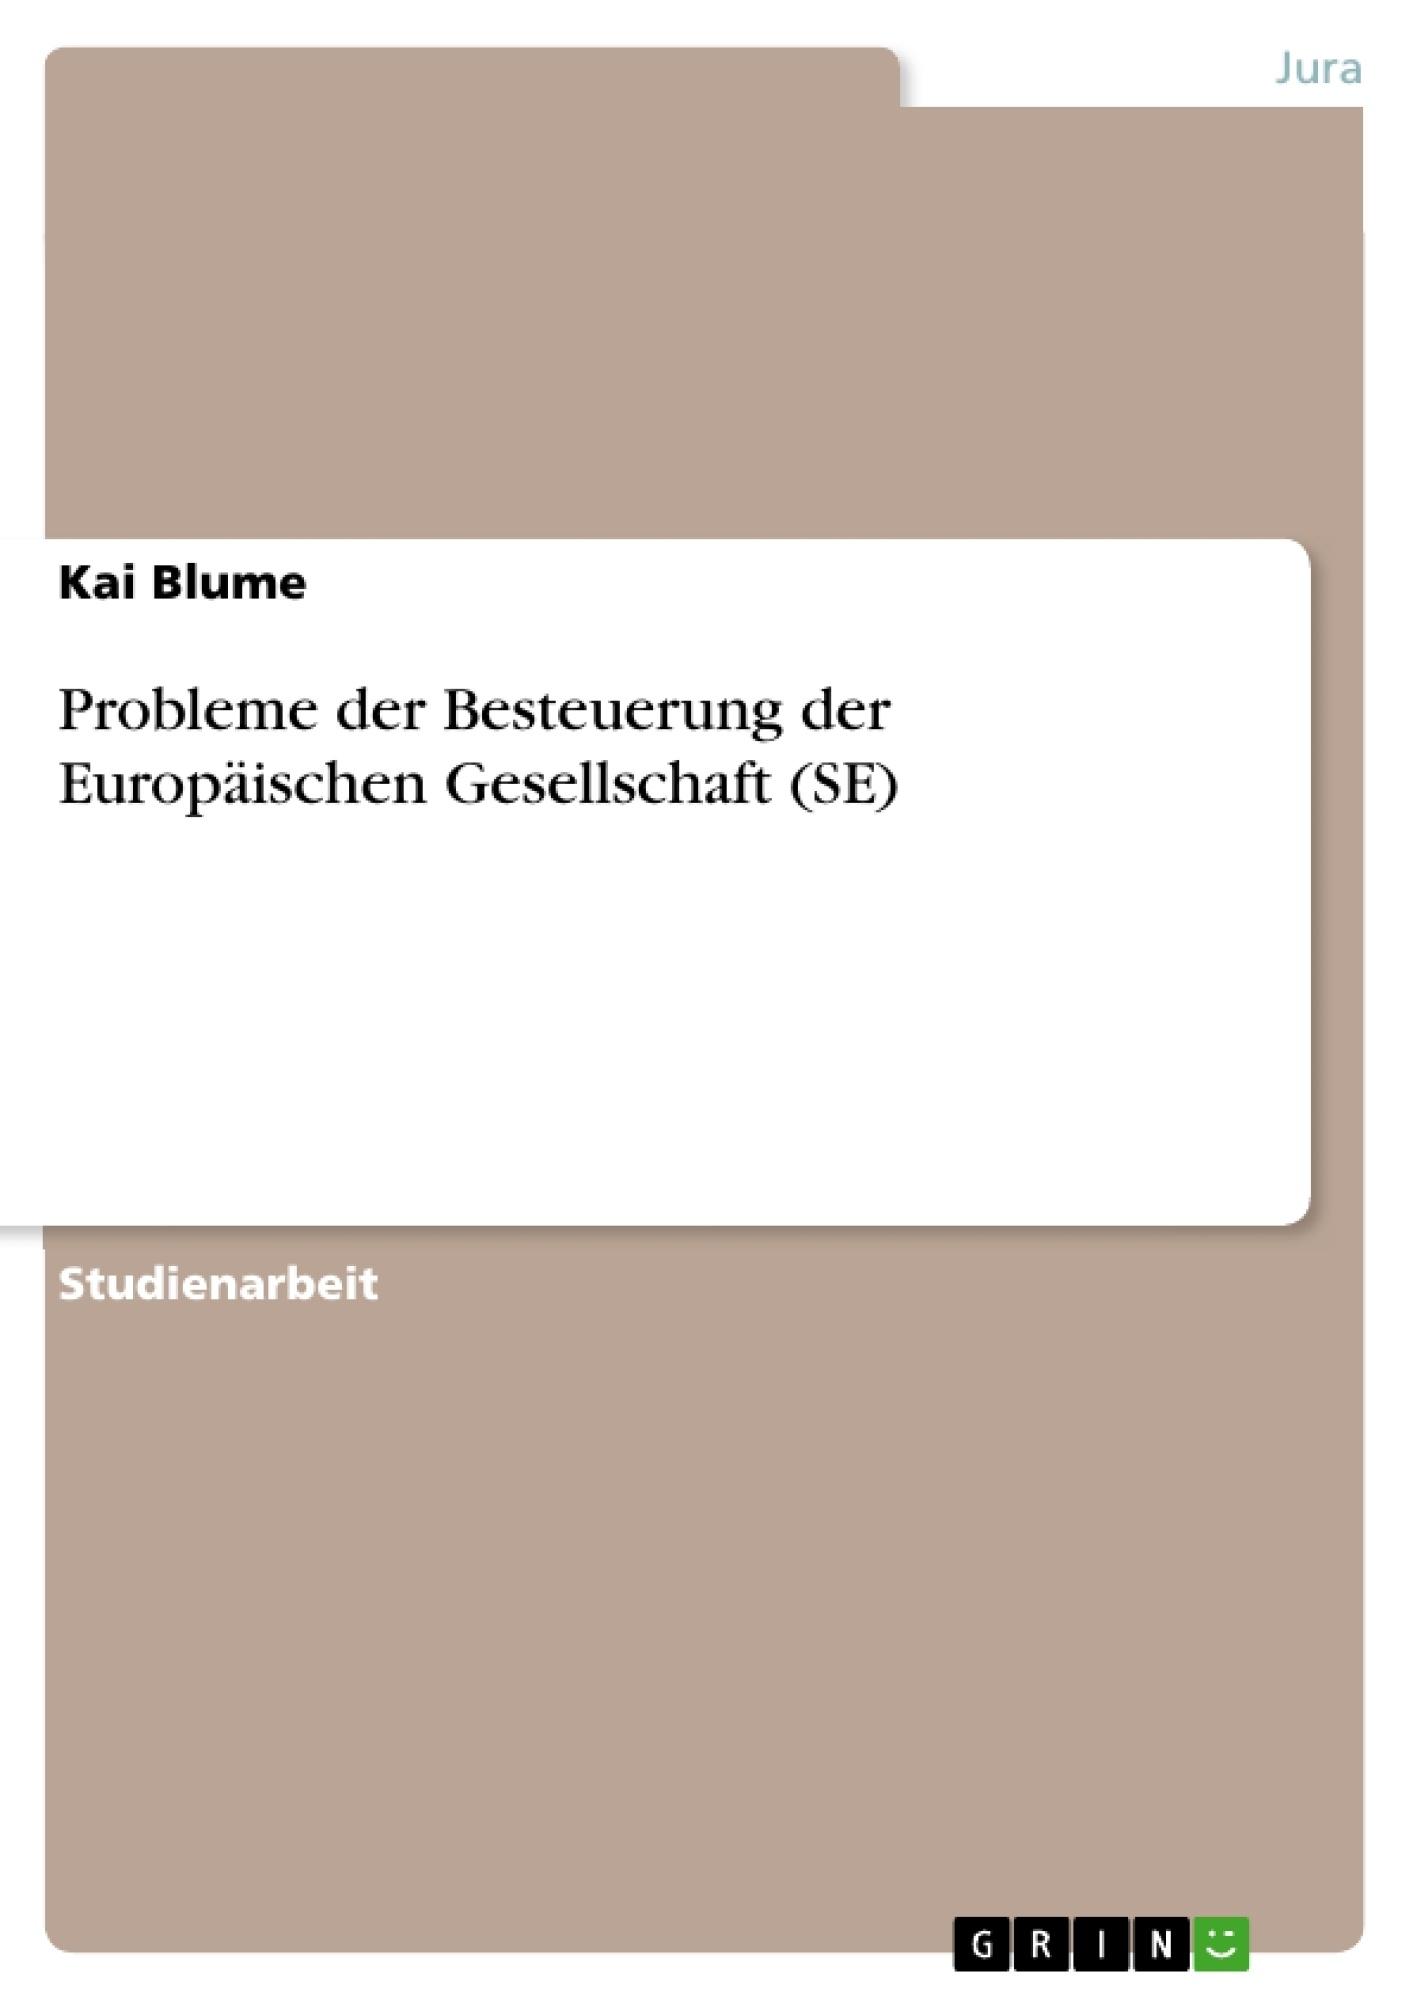 Titel: Probleme der Besteuerung der Europäischen Gesellschaft (SE)